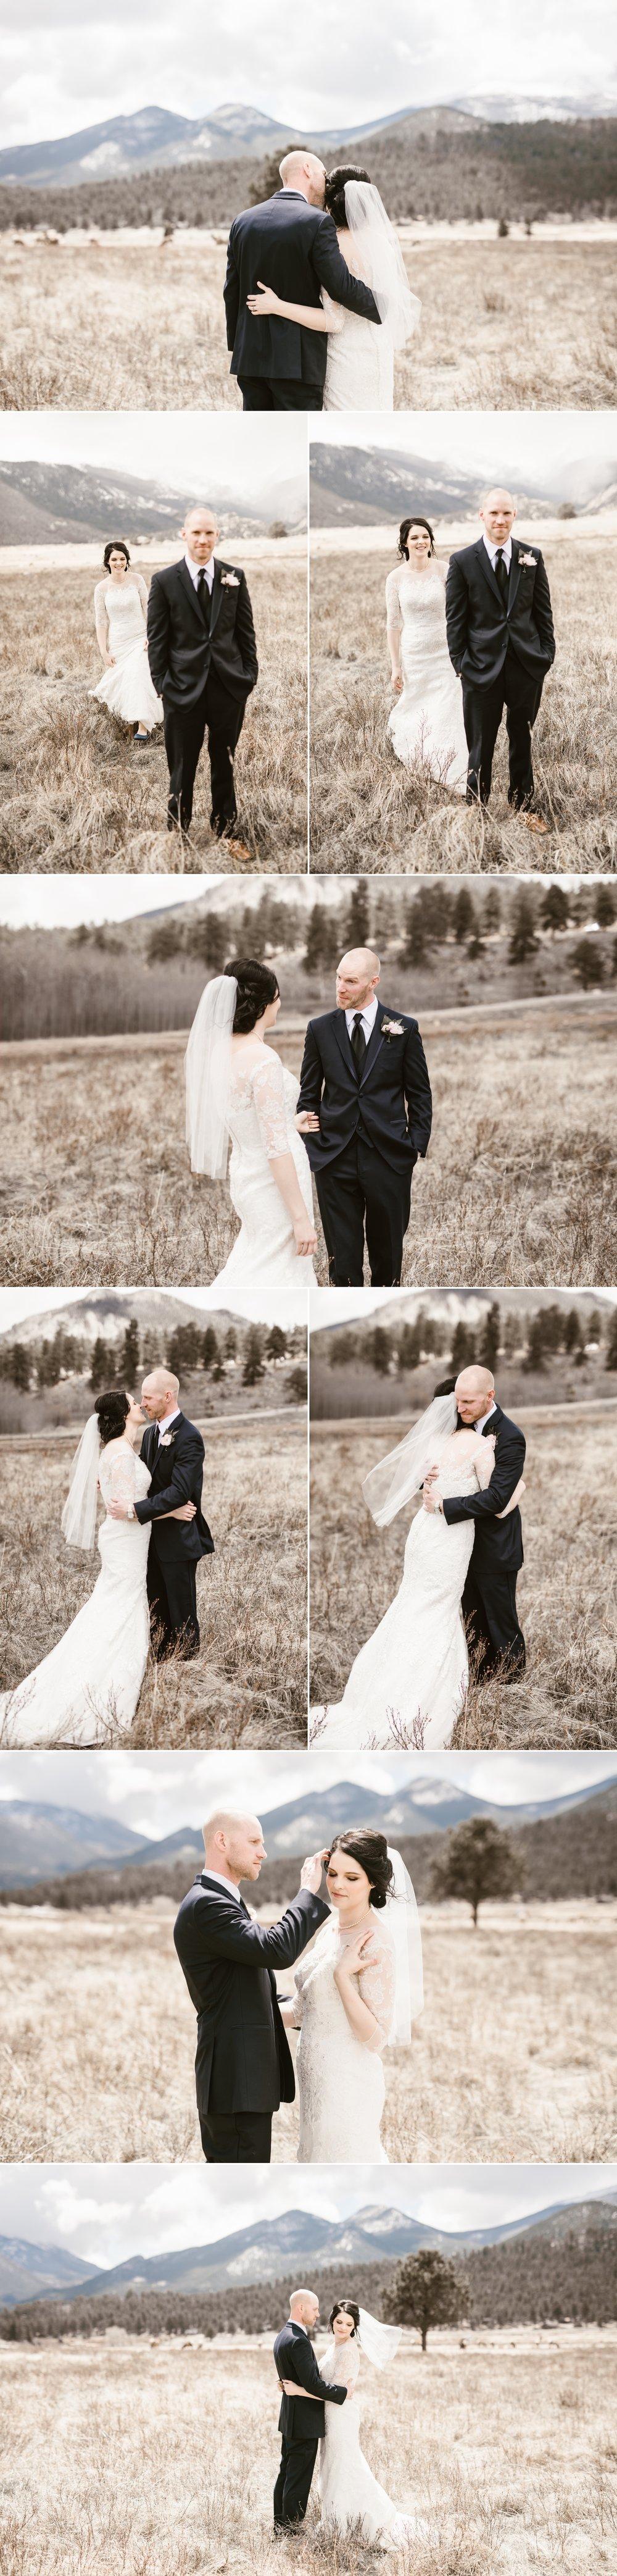 The Huwe Wedding 7.jpg